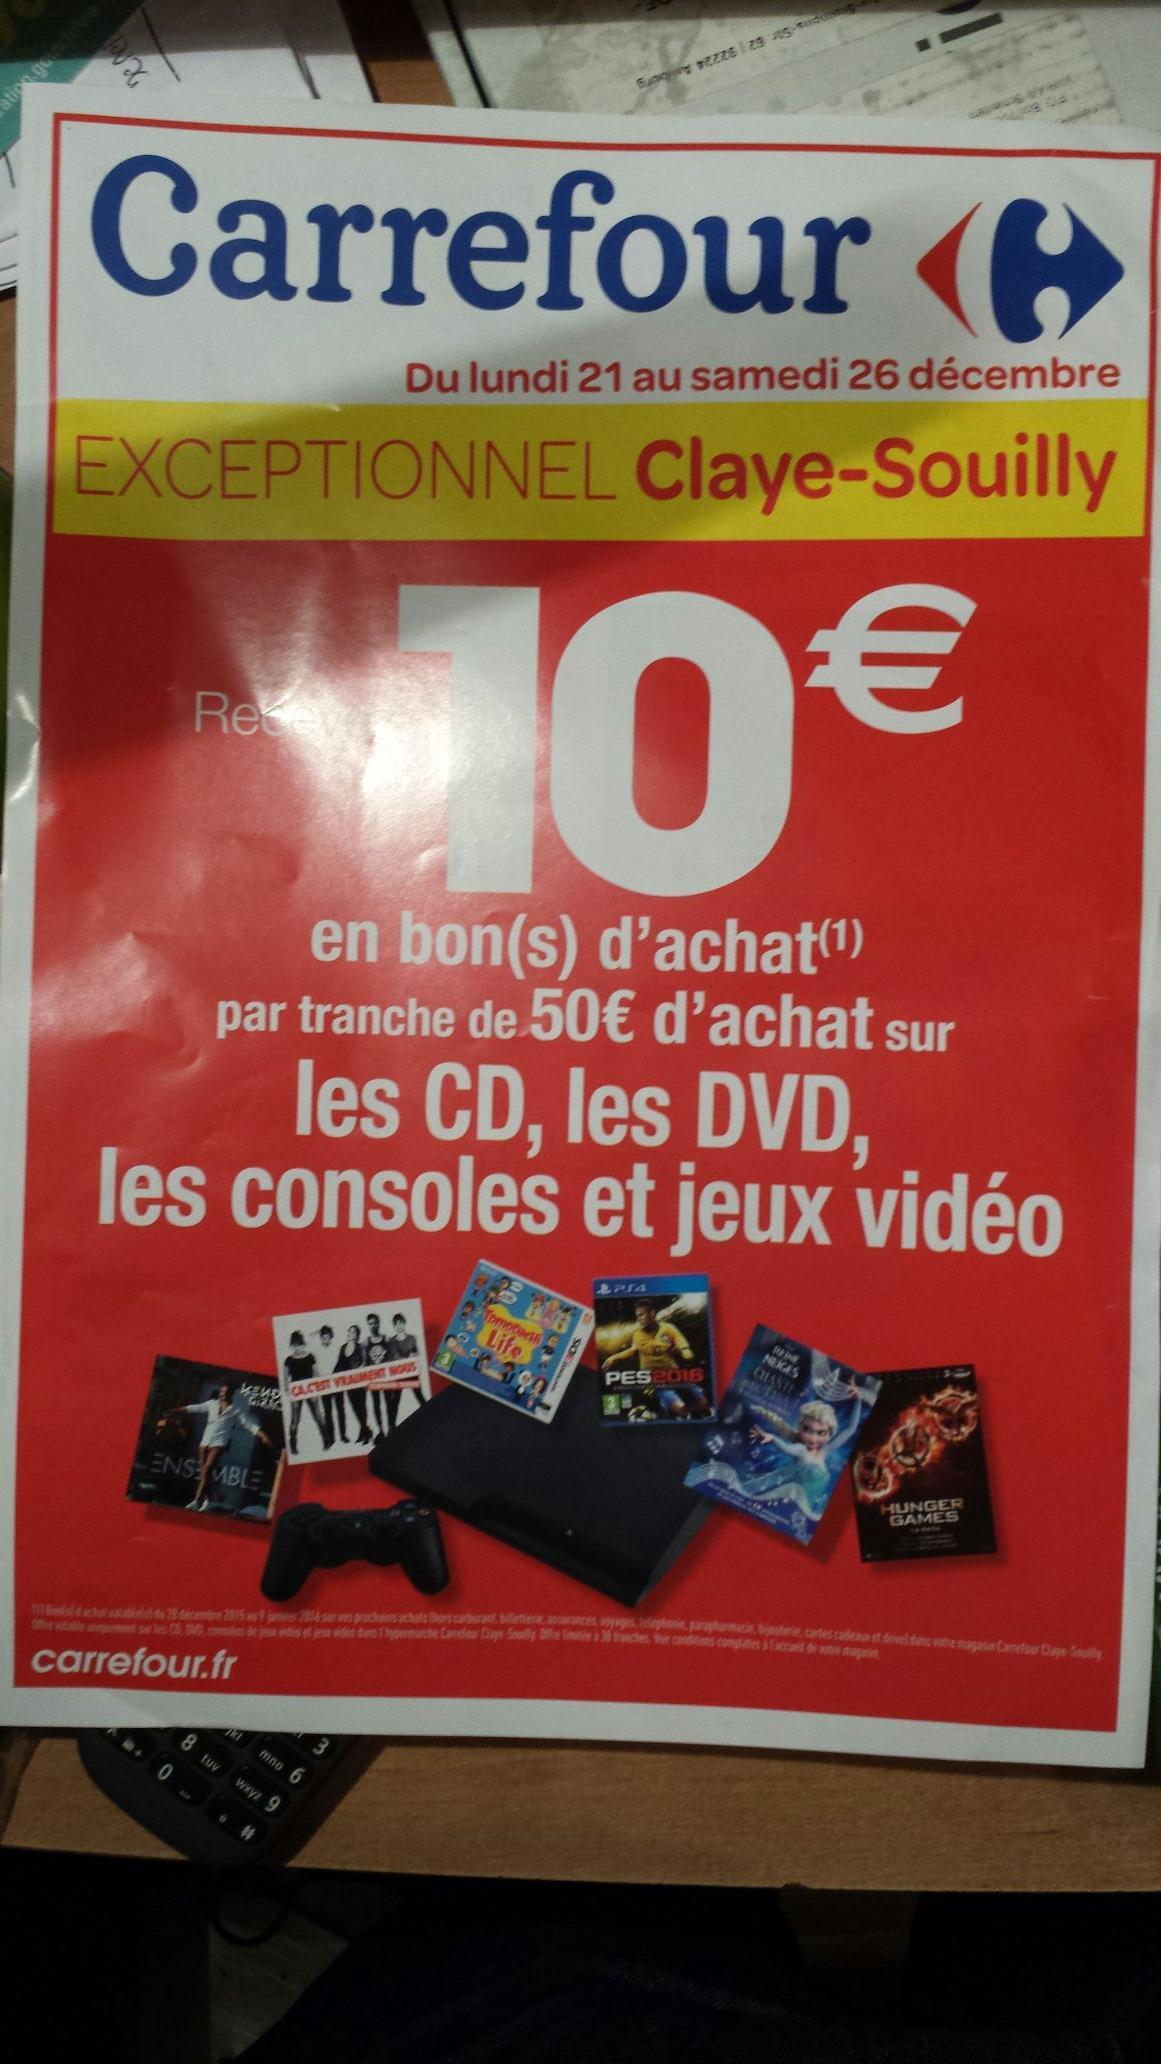 """10€ offerts en bon d'achat par tranche de 50 € d'achat sur les CD, DVD, Consoles et Jeux Video exemple Console PS4 noire 1To """"20th anniversaire"""" avec 2 manettes + 1 an d'abonnement au PS+ a 320e"""